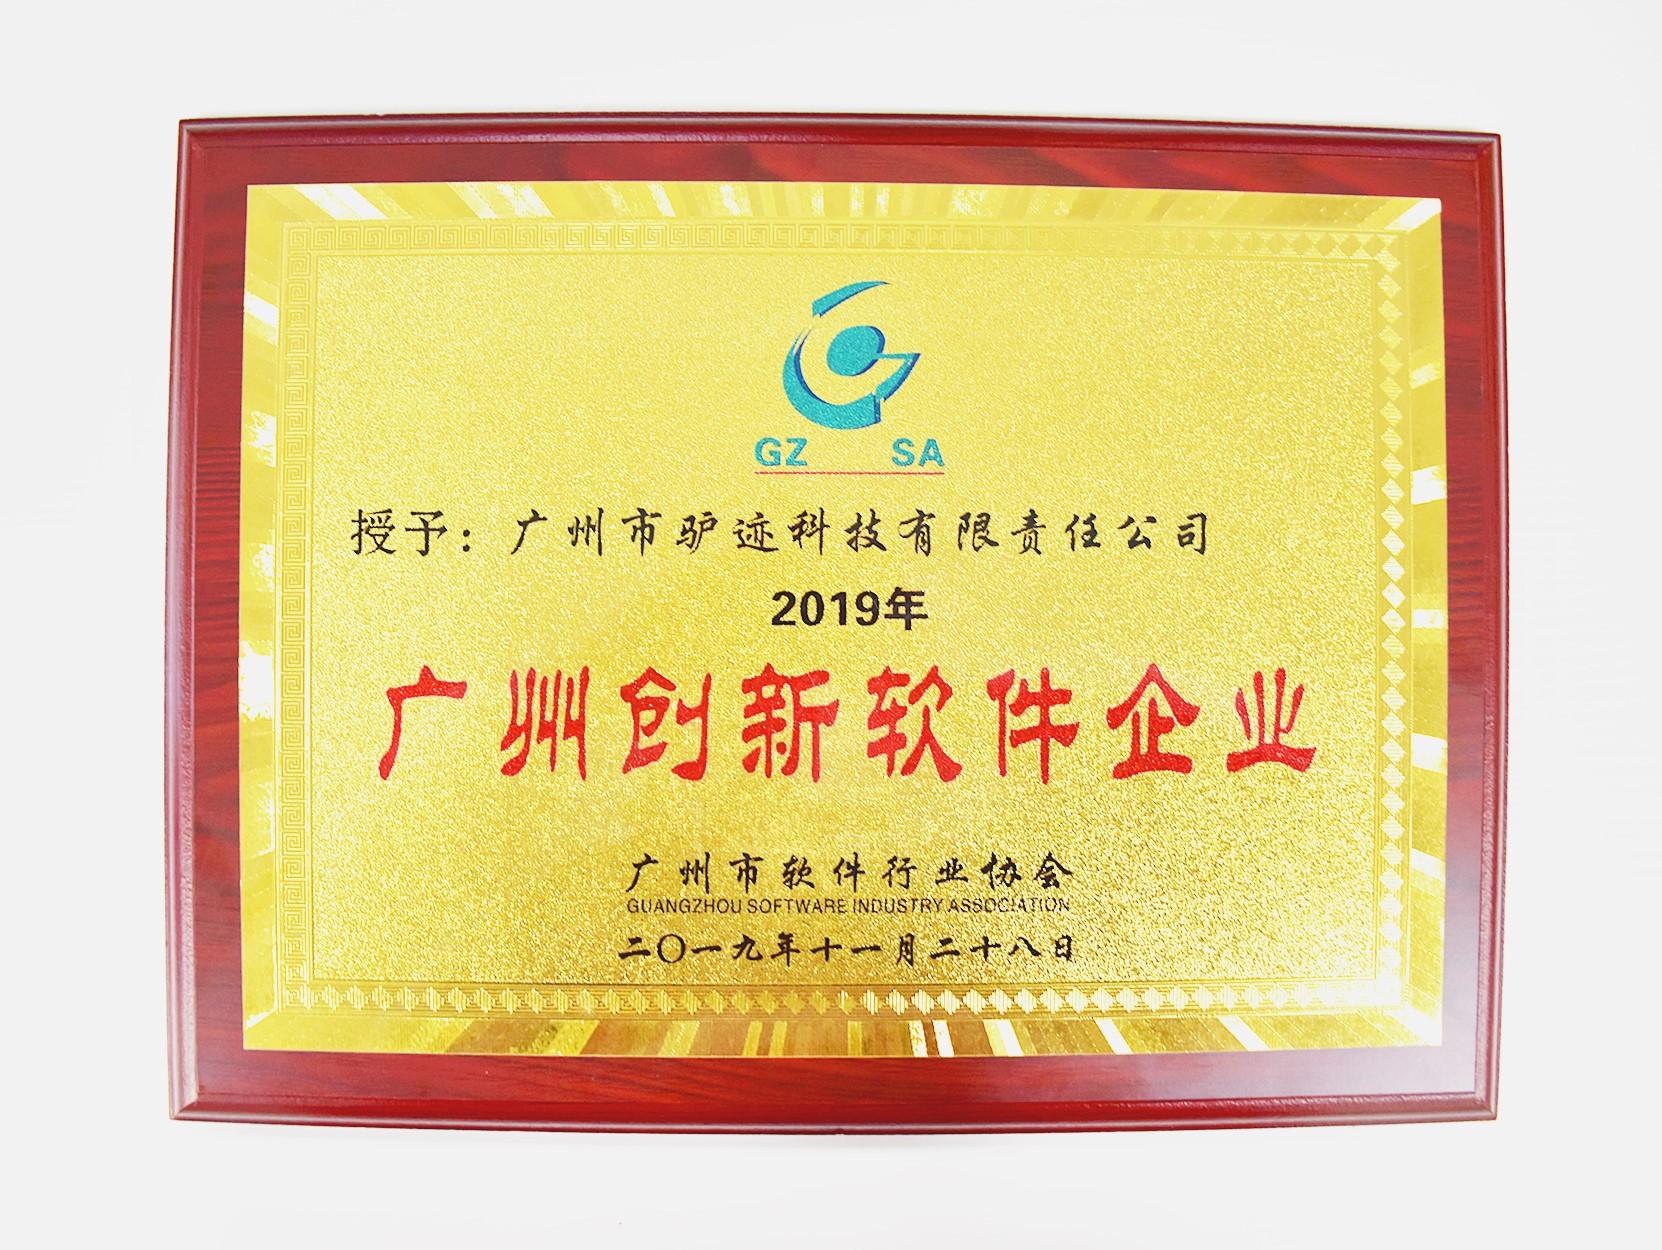 """驴迹科技获评""""2019年广州创新软件企业""""及""""2019年广州优秀软件企业"""""""